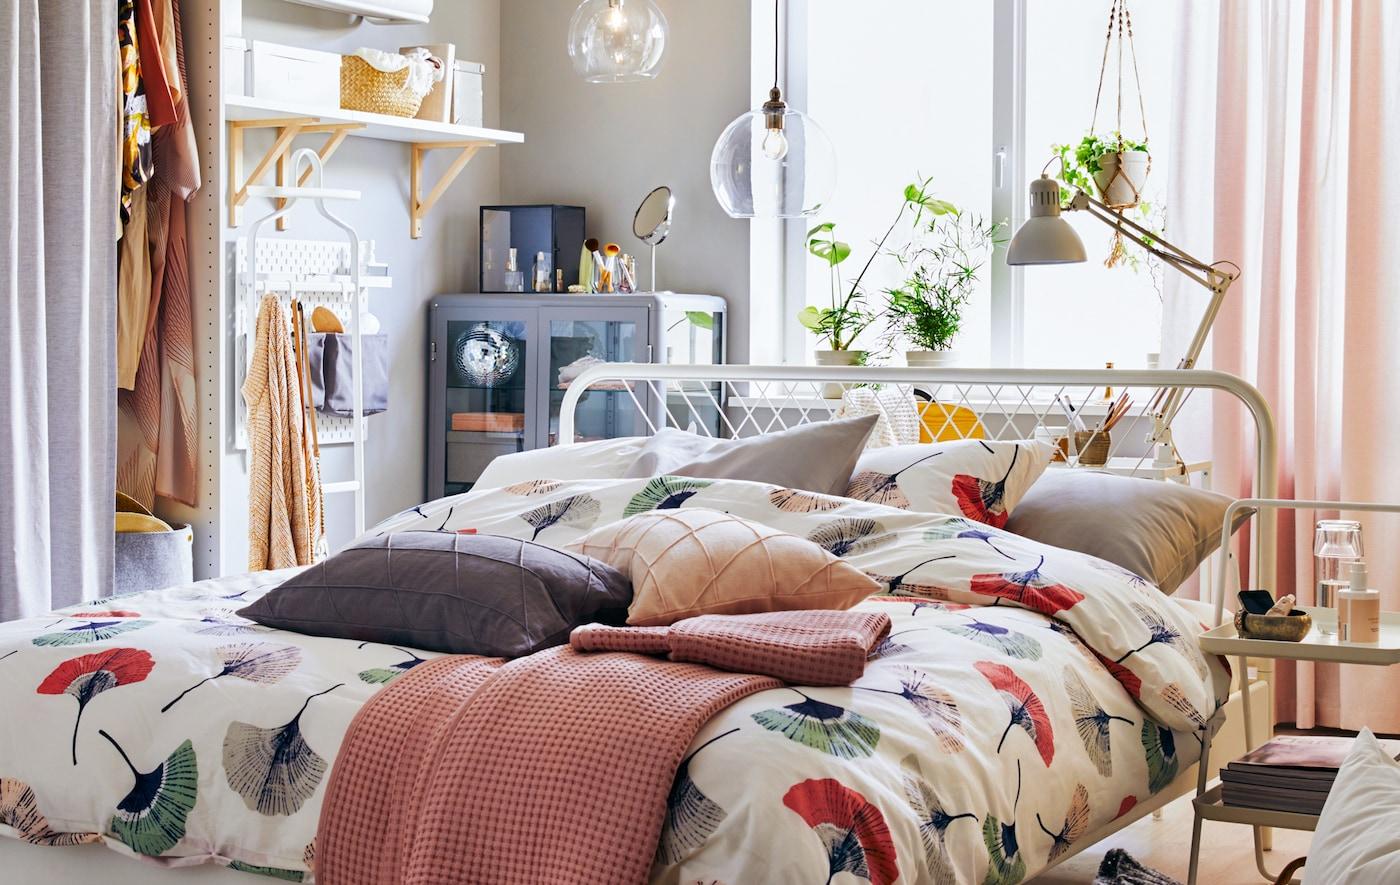 Ein Bett mit geblümter Bettwäsche in der Mitte eines kleinen Raumes.